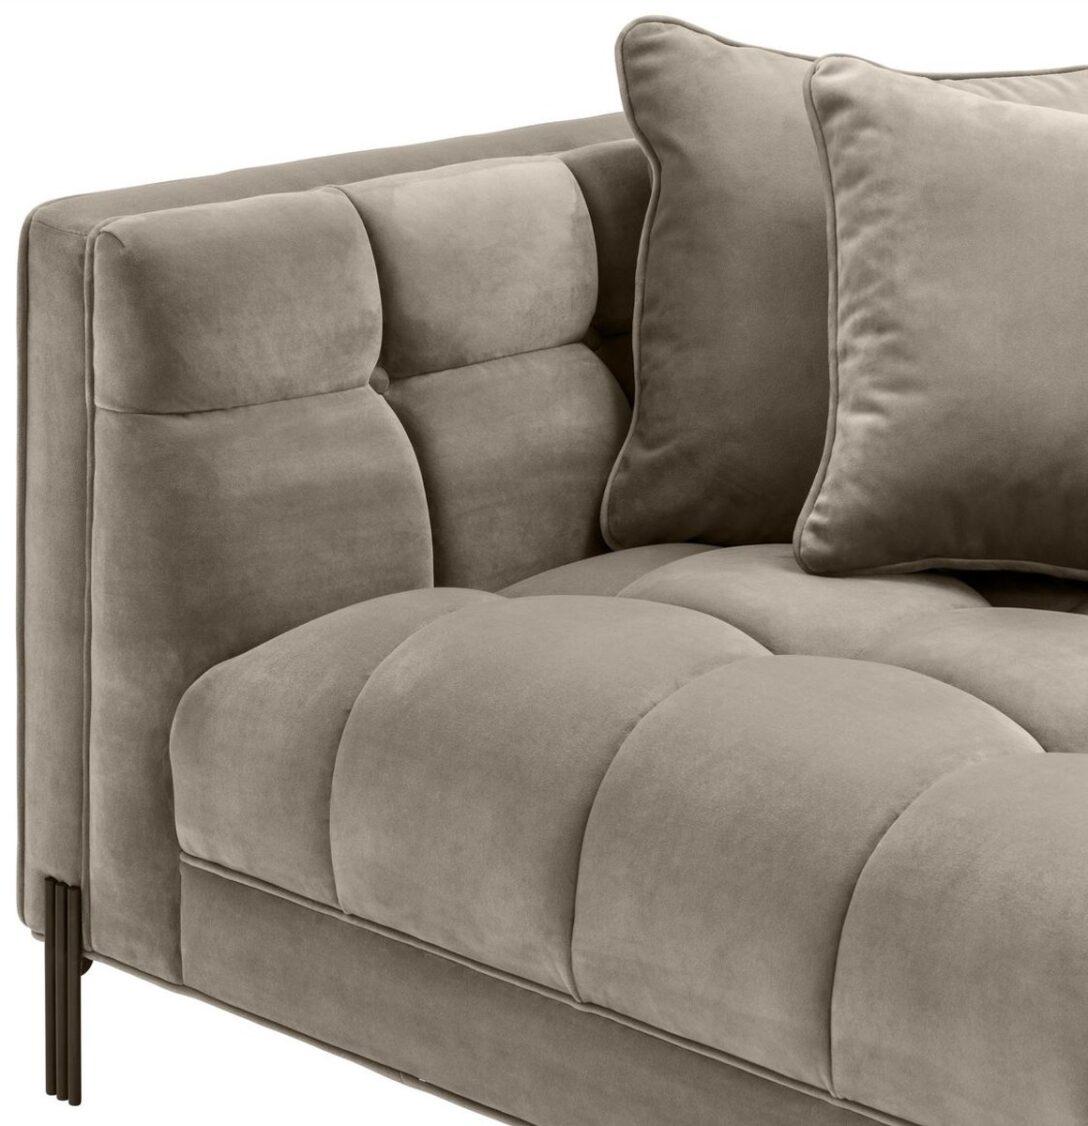 Large Size of Sofa Samt Weiches Led Mit Relaxfunktion Elektrisch Grau Leder Halbrundes Kunstleder Hussen Baxter Modulares De Sede Barock Weiß Sofa Sofa Samt